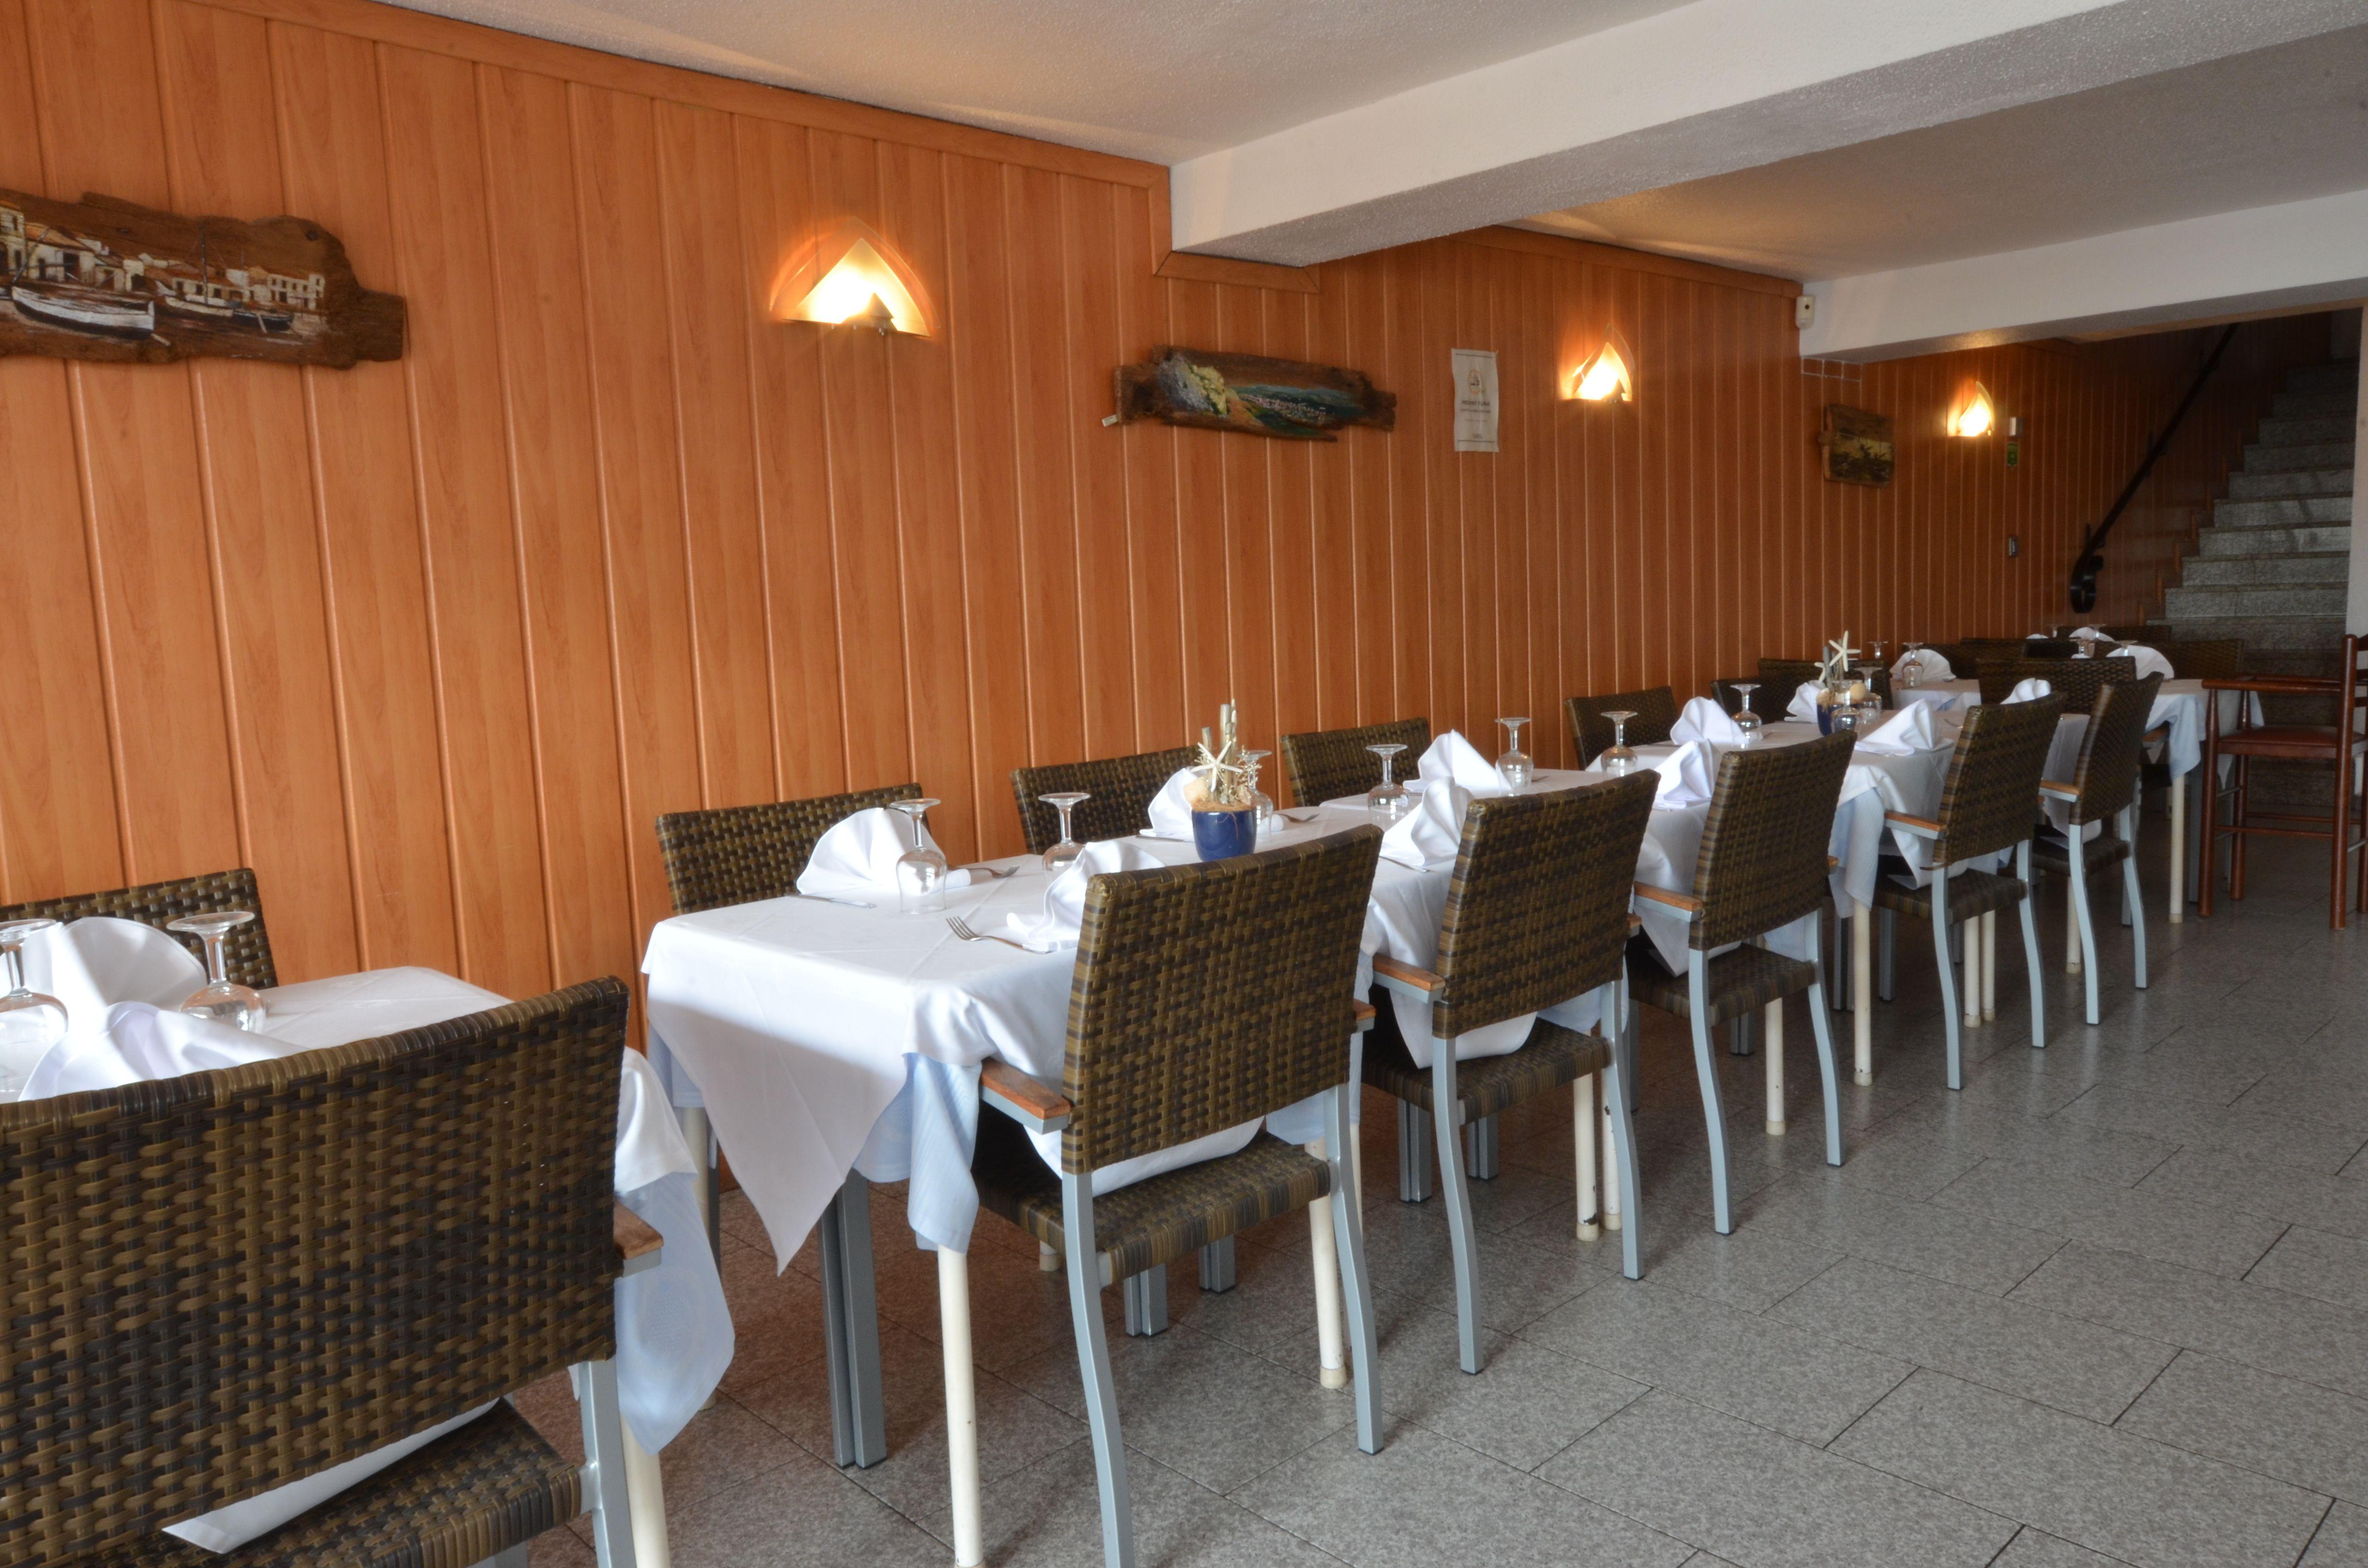 Foto 4 de Restaurante en Torroella de Montgrí | Restaurant Rosamar